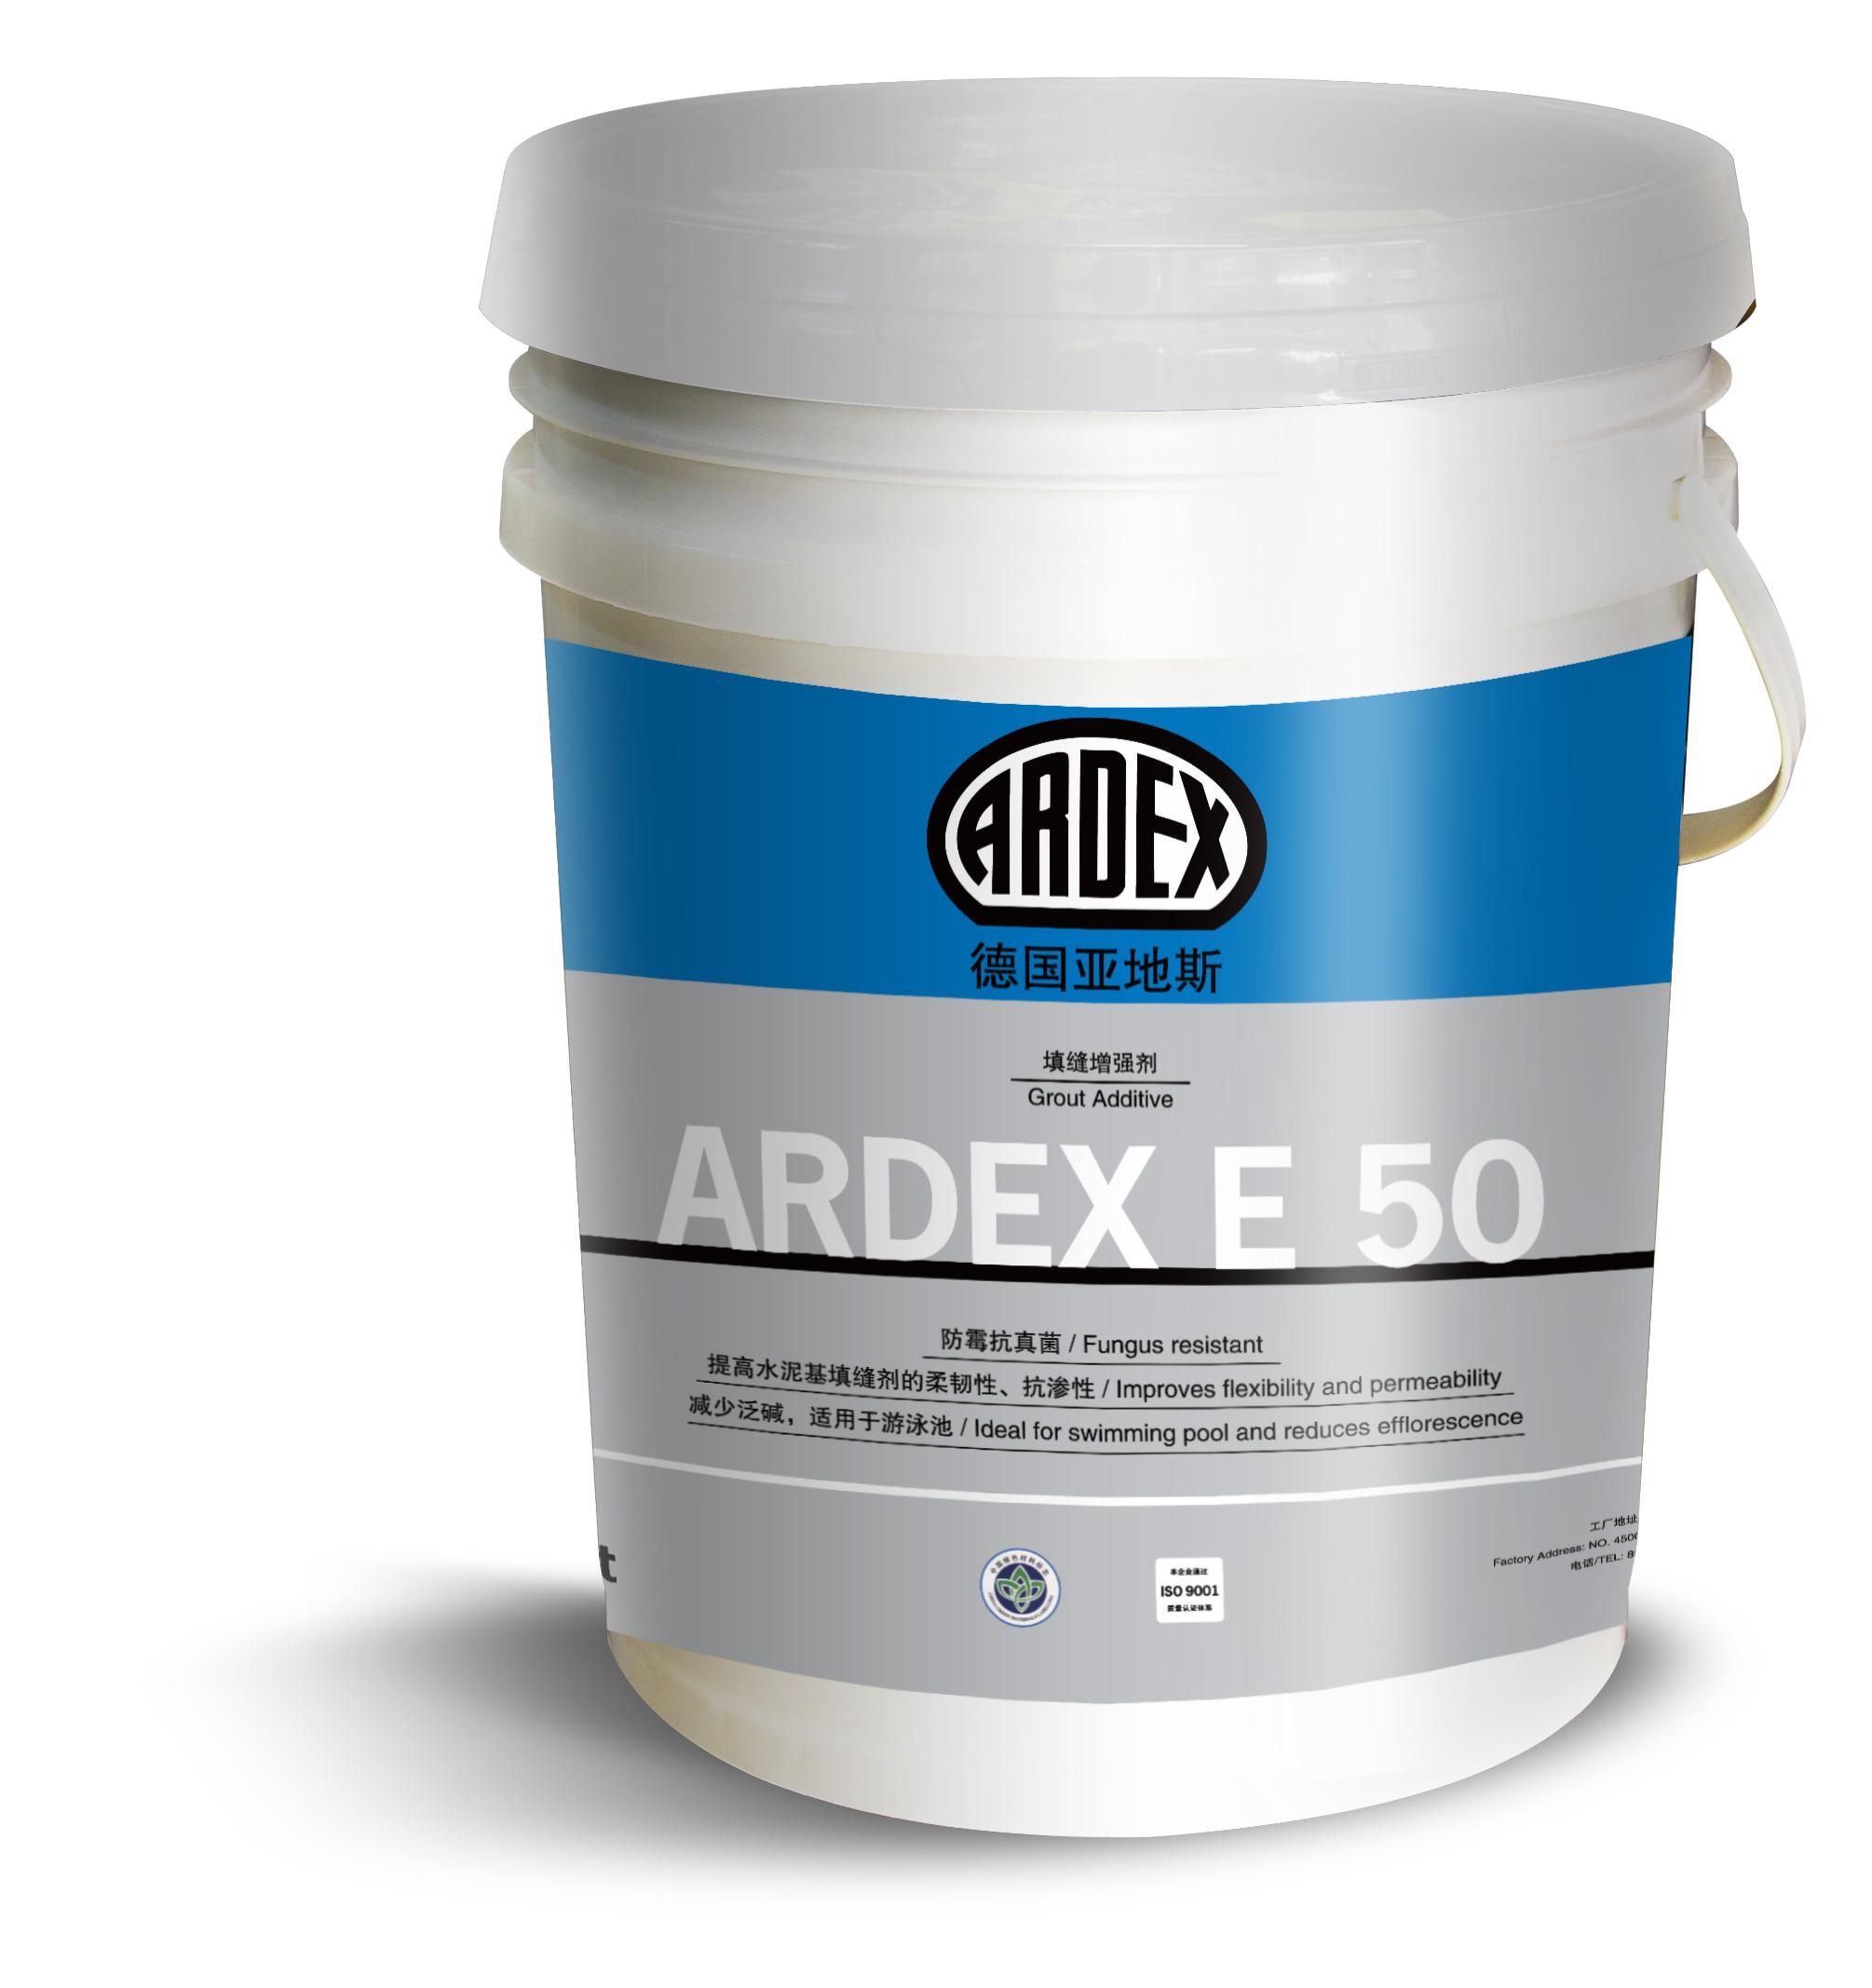 ARDEX E 50